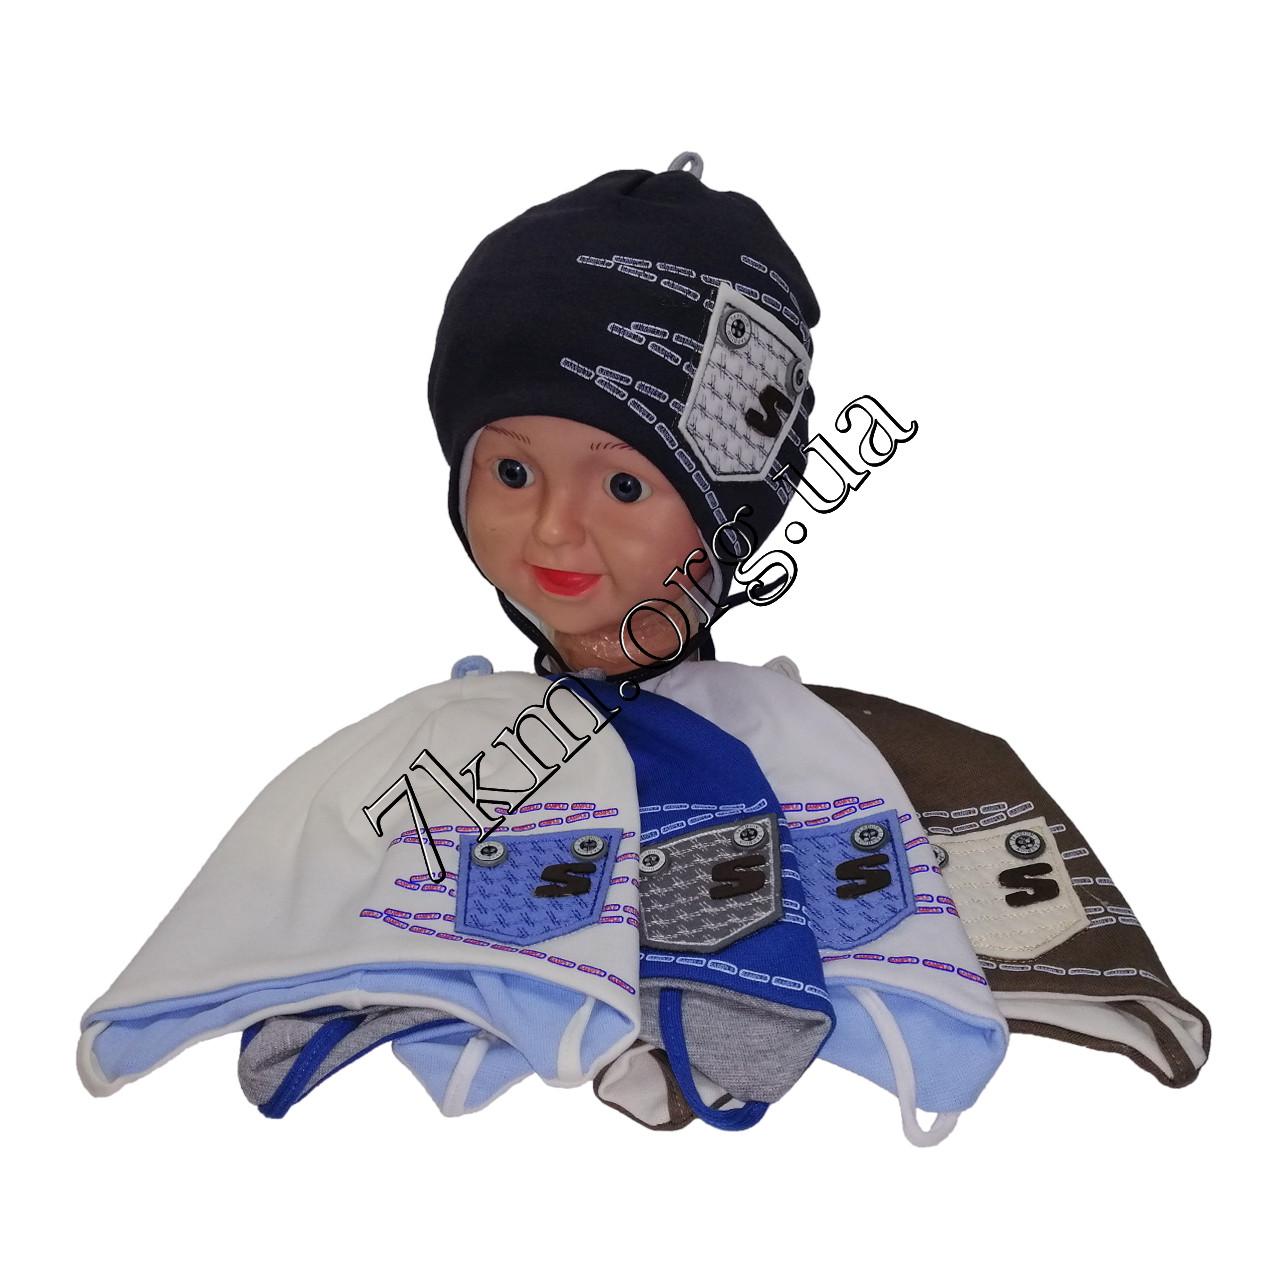 """Шапка дитяча одинарний трикотаж +зав'язки для хлопчиків """"Кишеньку"""" 1,5-3 роки Польща Оптом 7635"""